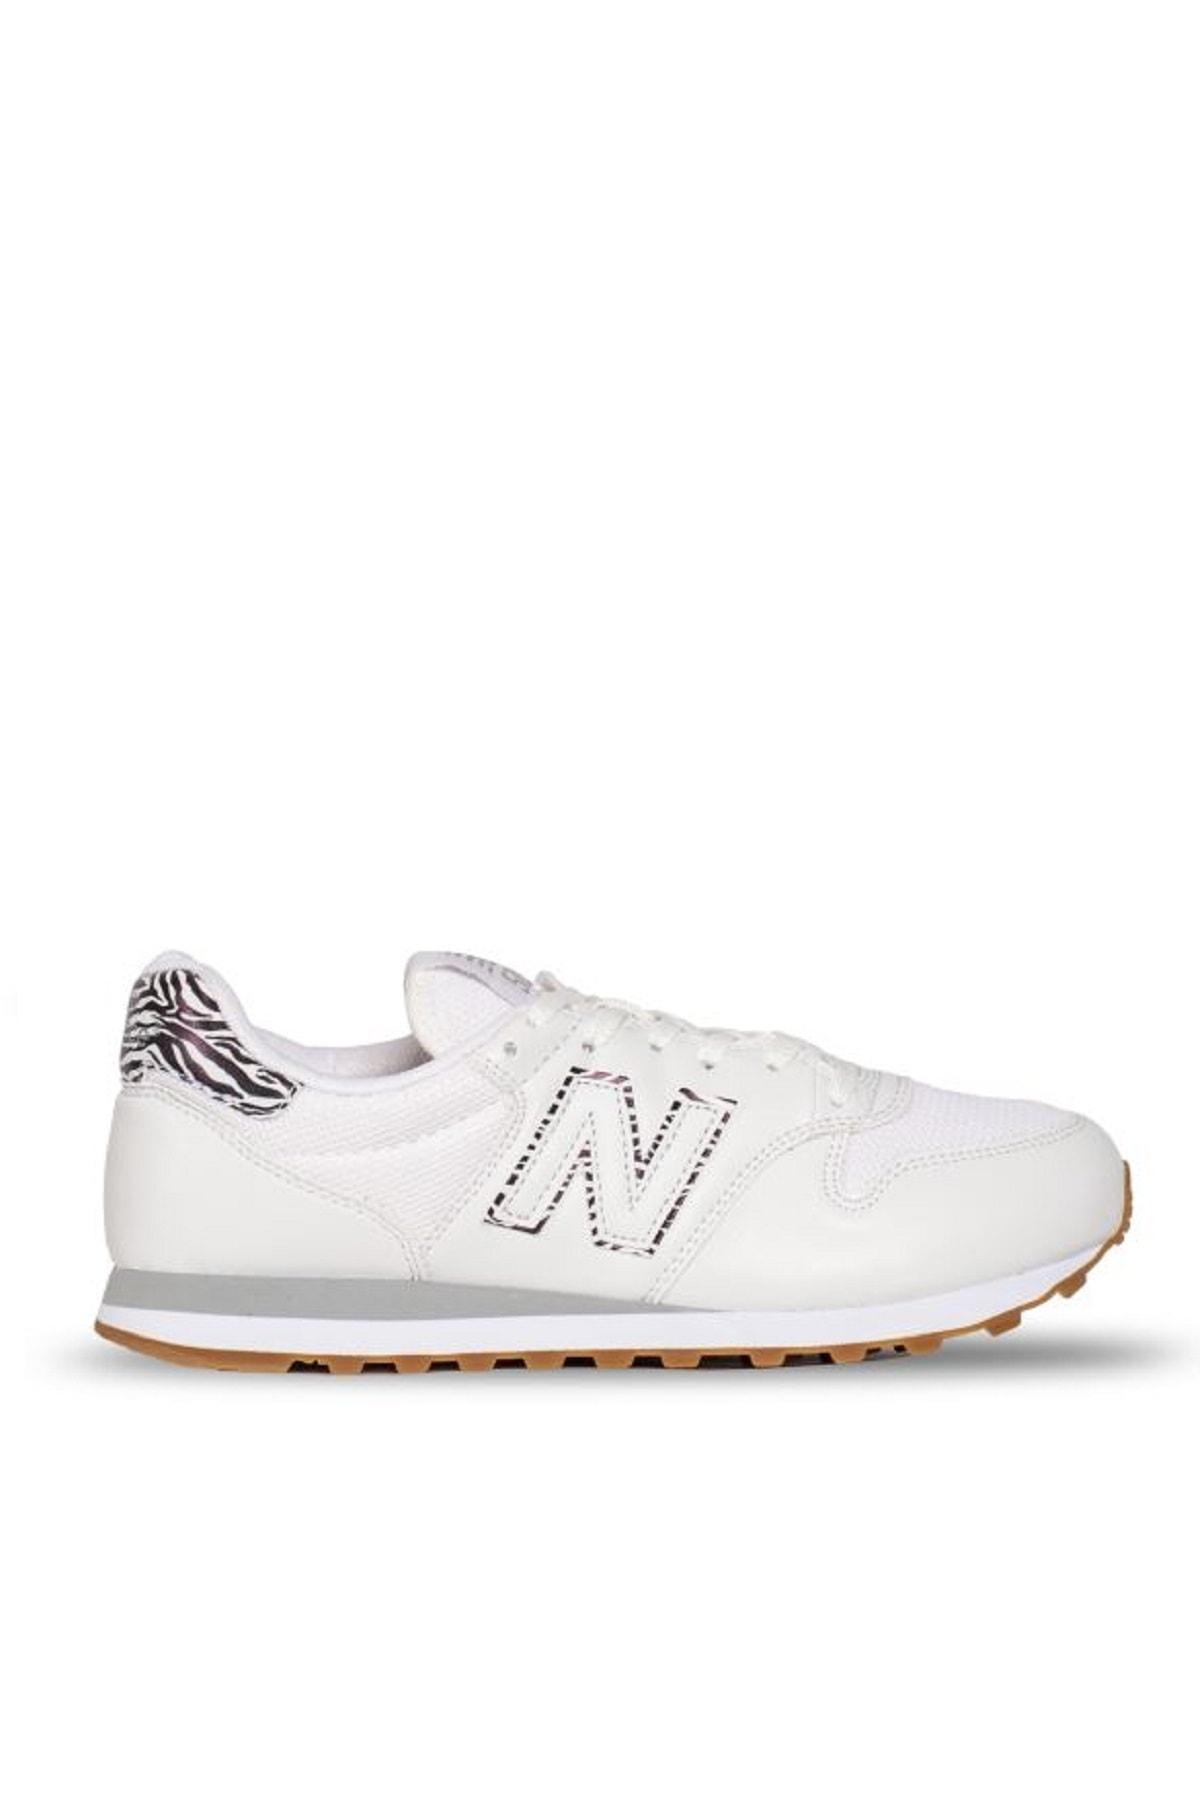 New Balance Kadın Gri Gw500awz Günlük Ayakkabı 1